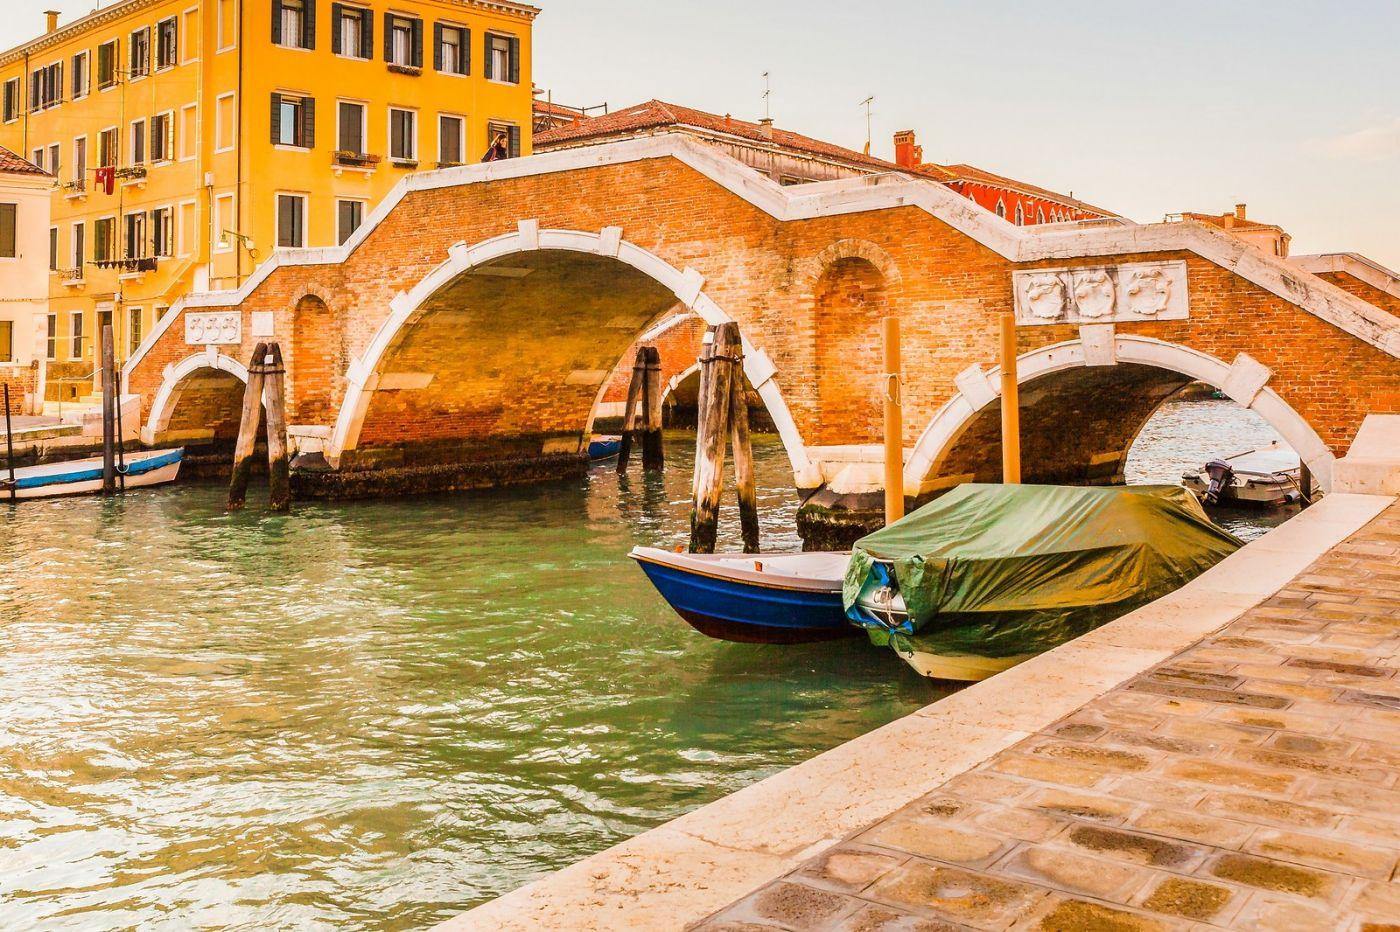 意大利威尼斯,桥的艺术_图1-4